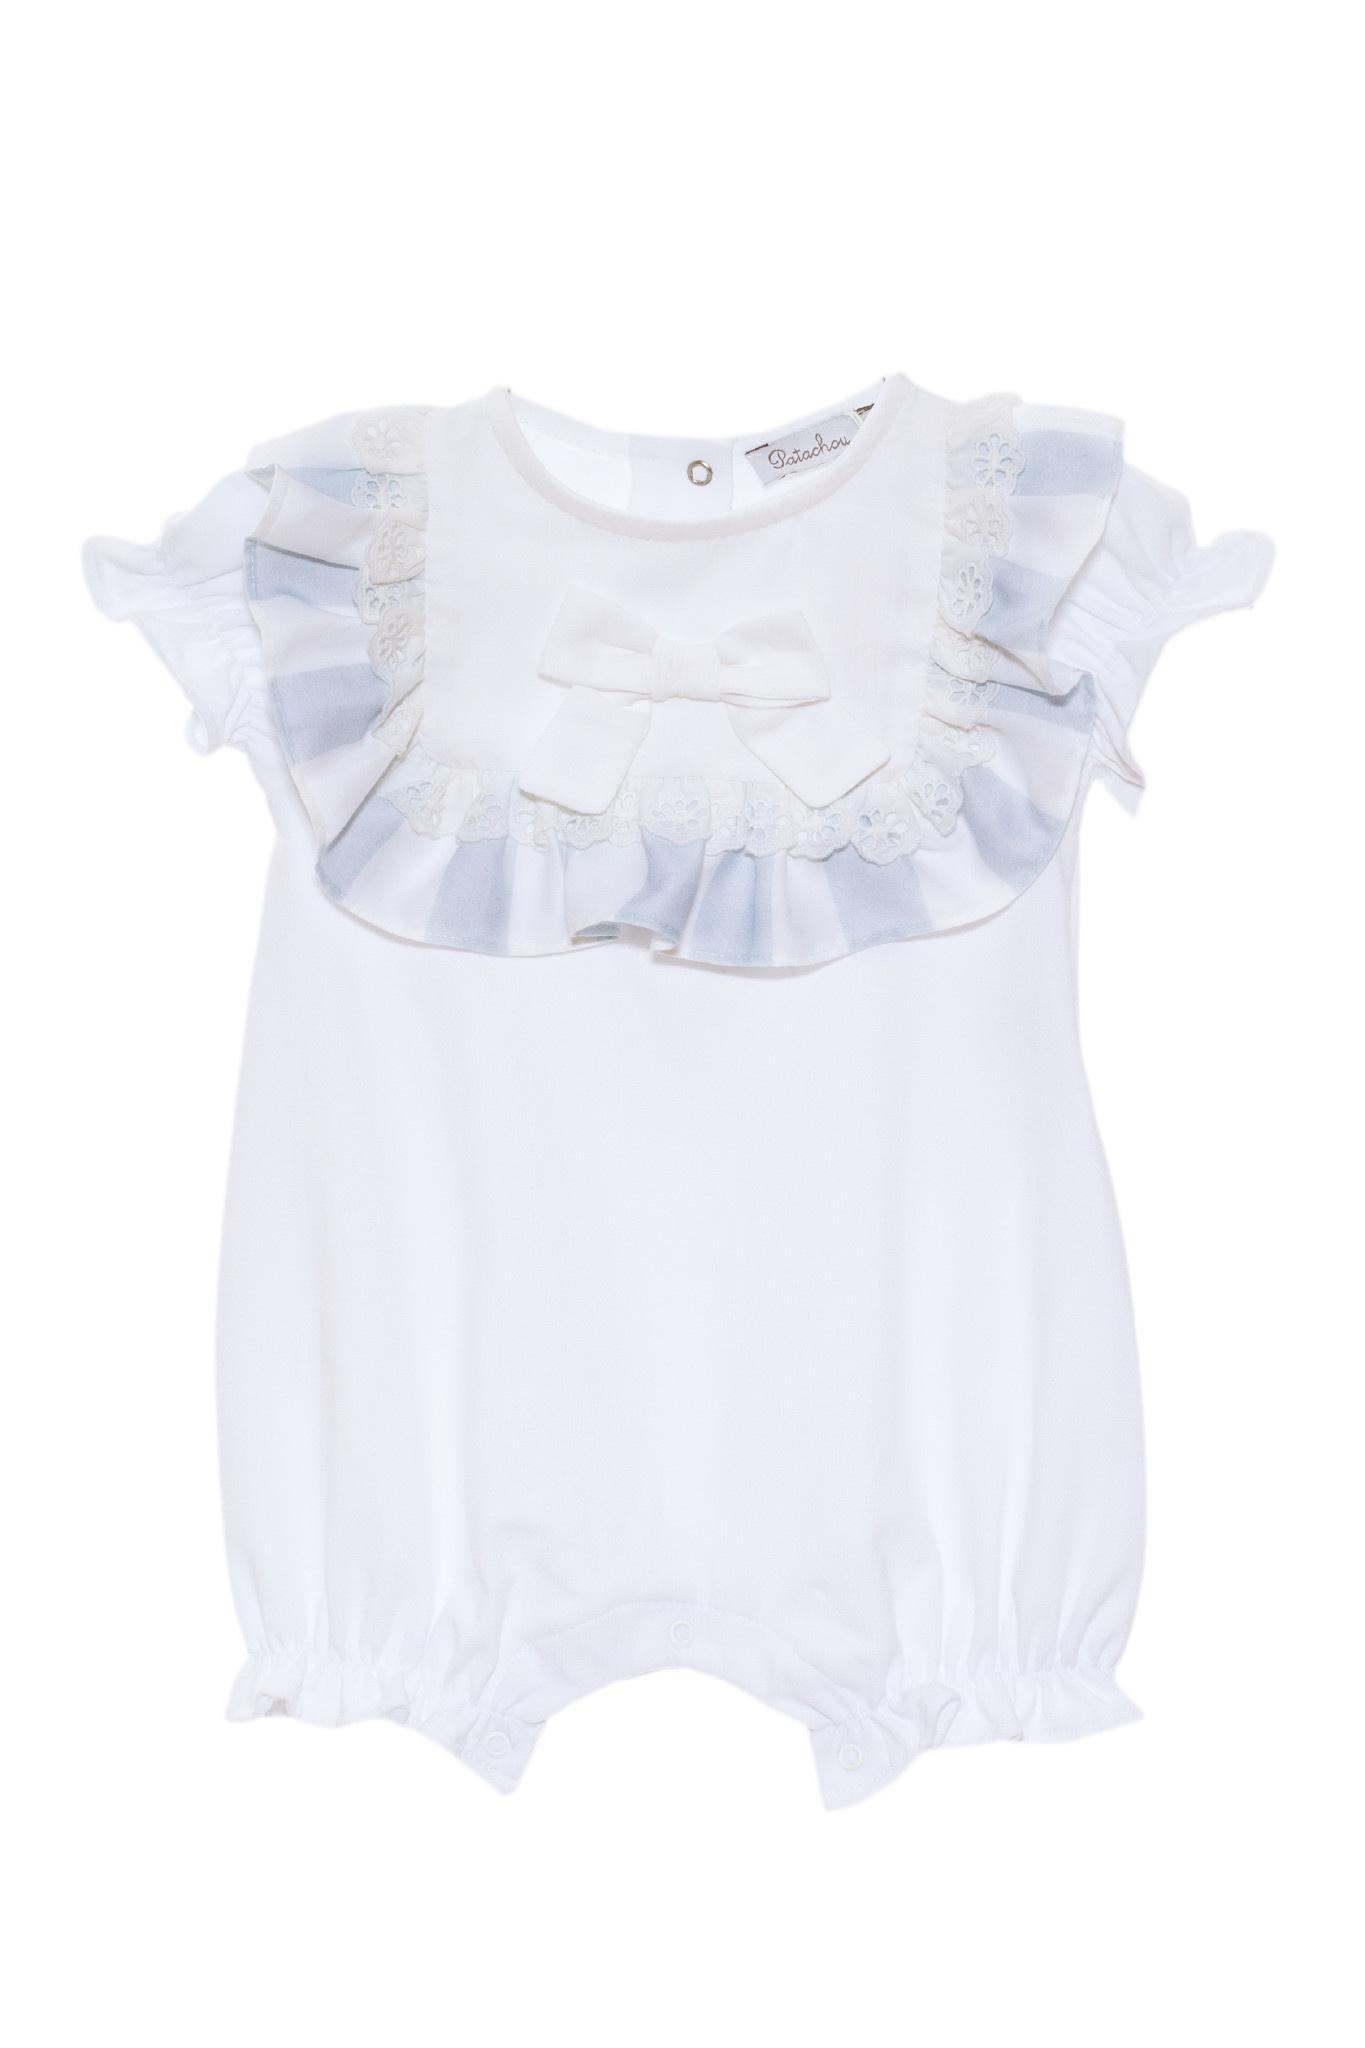 Patachou Patachou Baby 080 Blue / White Stripe Romper